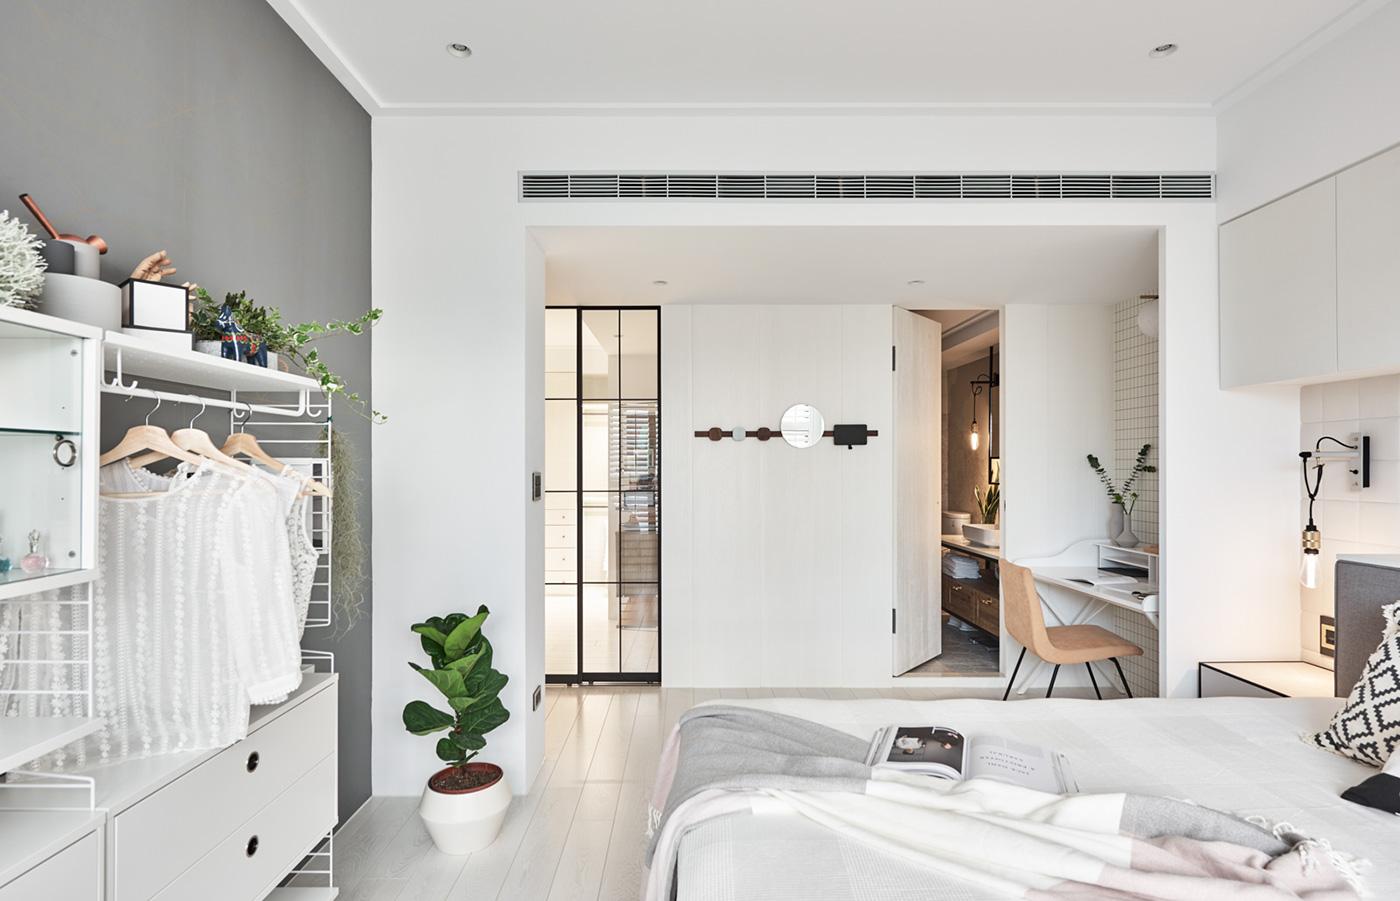 Thiết kế nội thất hiện đại tại chung cư N03T6 Ngoại Giao Đoàn